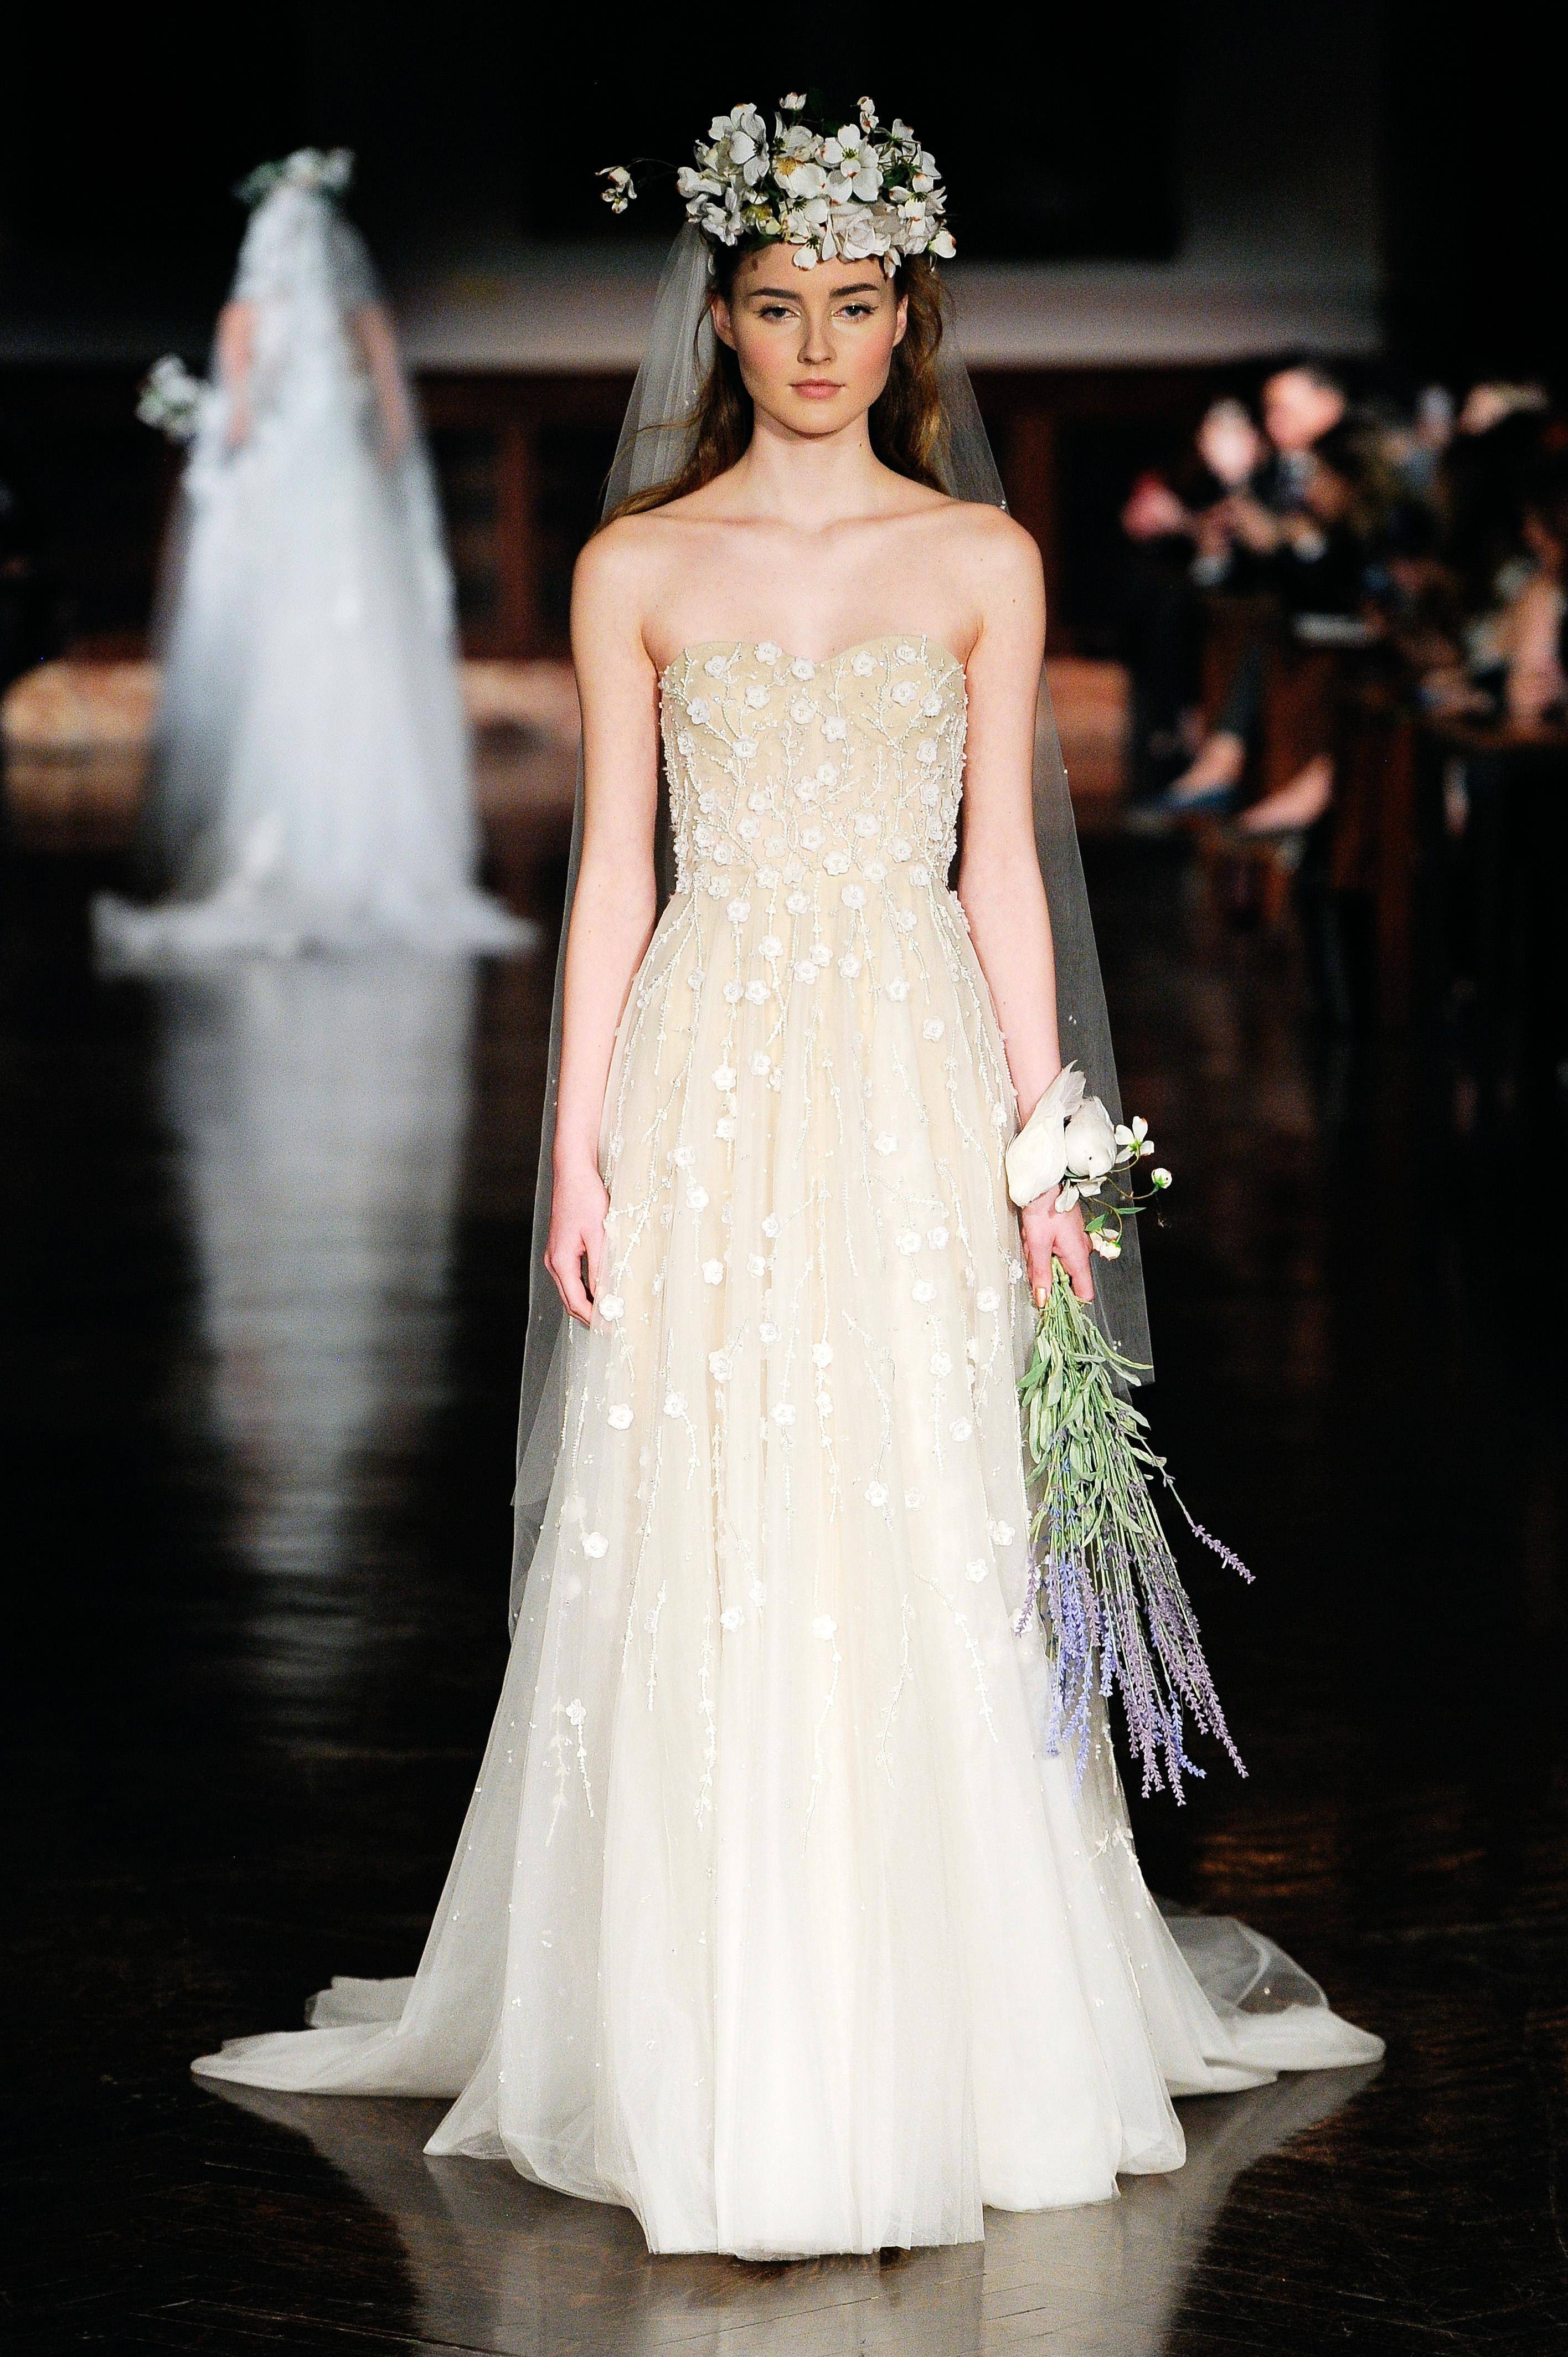 reem acra wedding dress spring 2019 a-line strapless